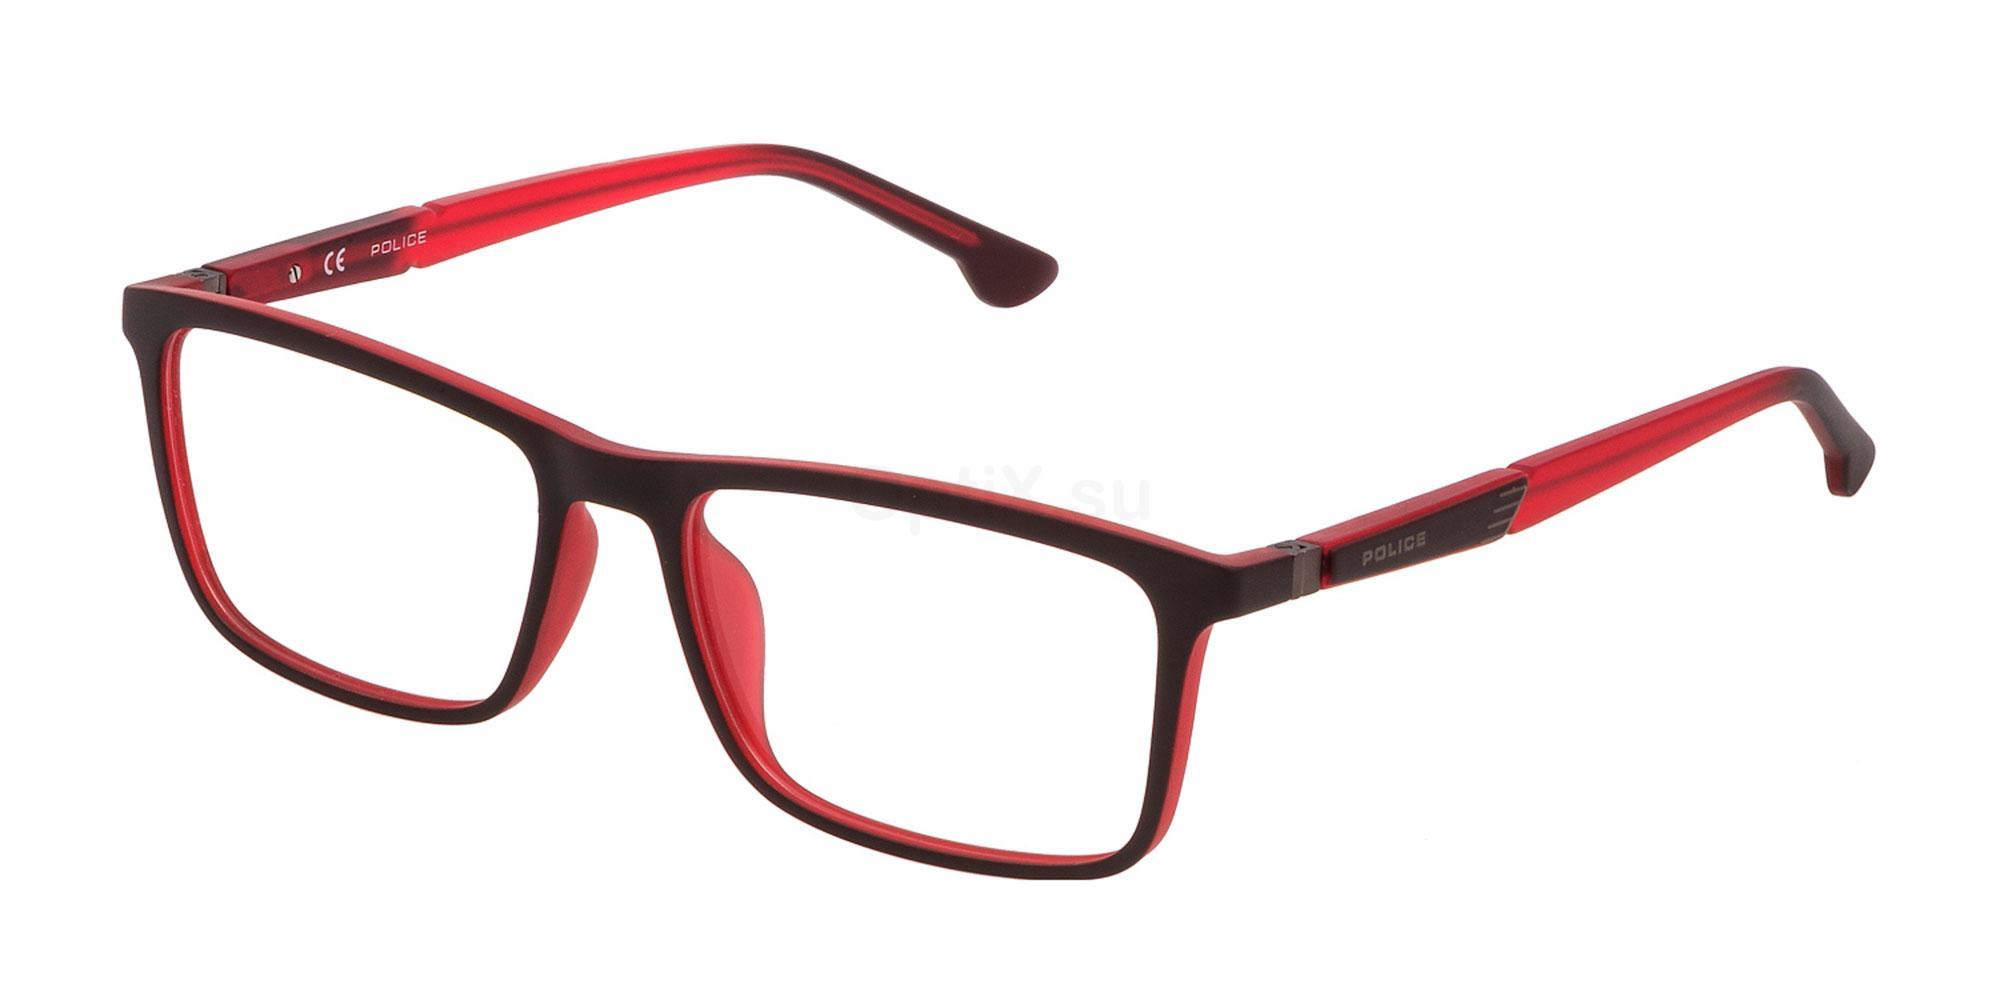 01BU VPL877 Glasses, Police